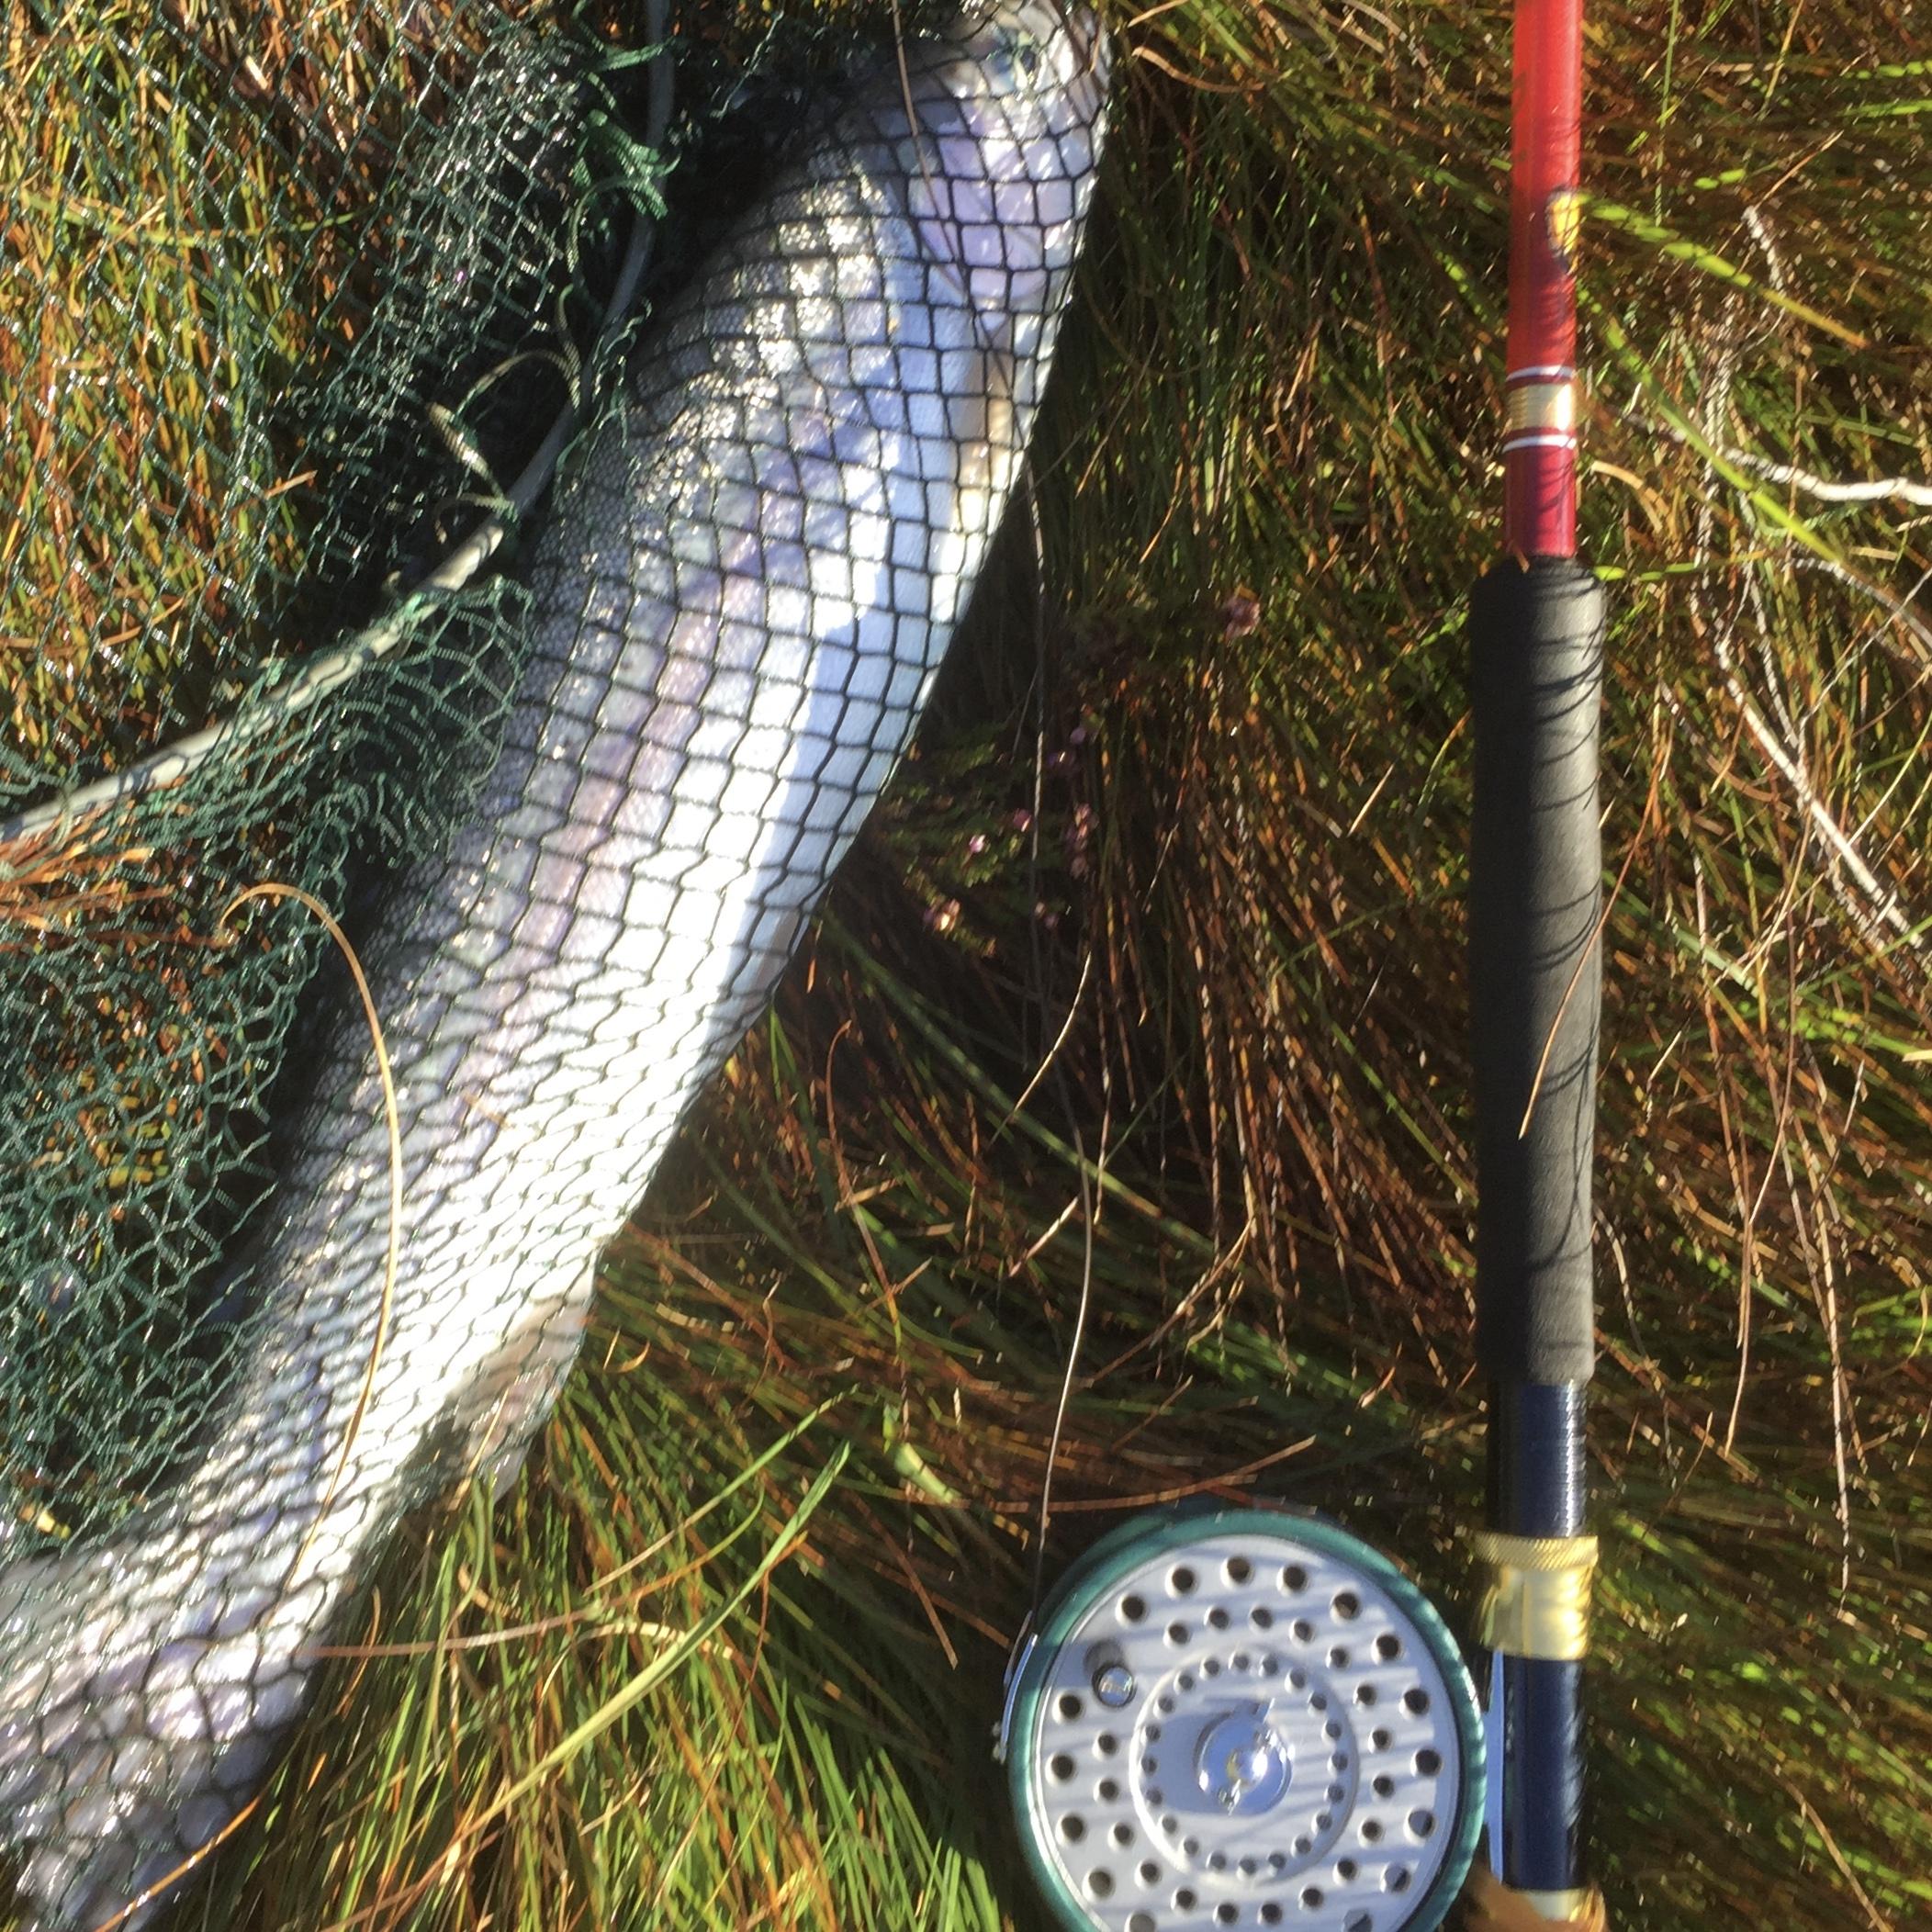 Daiwa  fishing fish pick 85 327 664 can not be selected colors